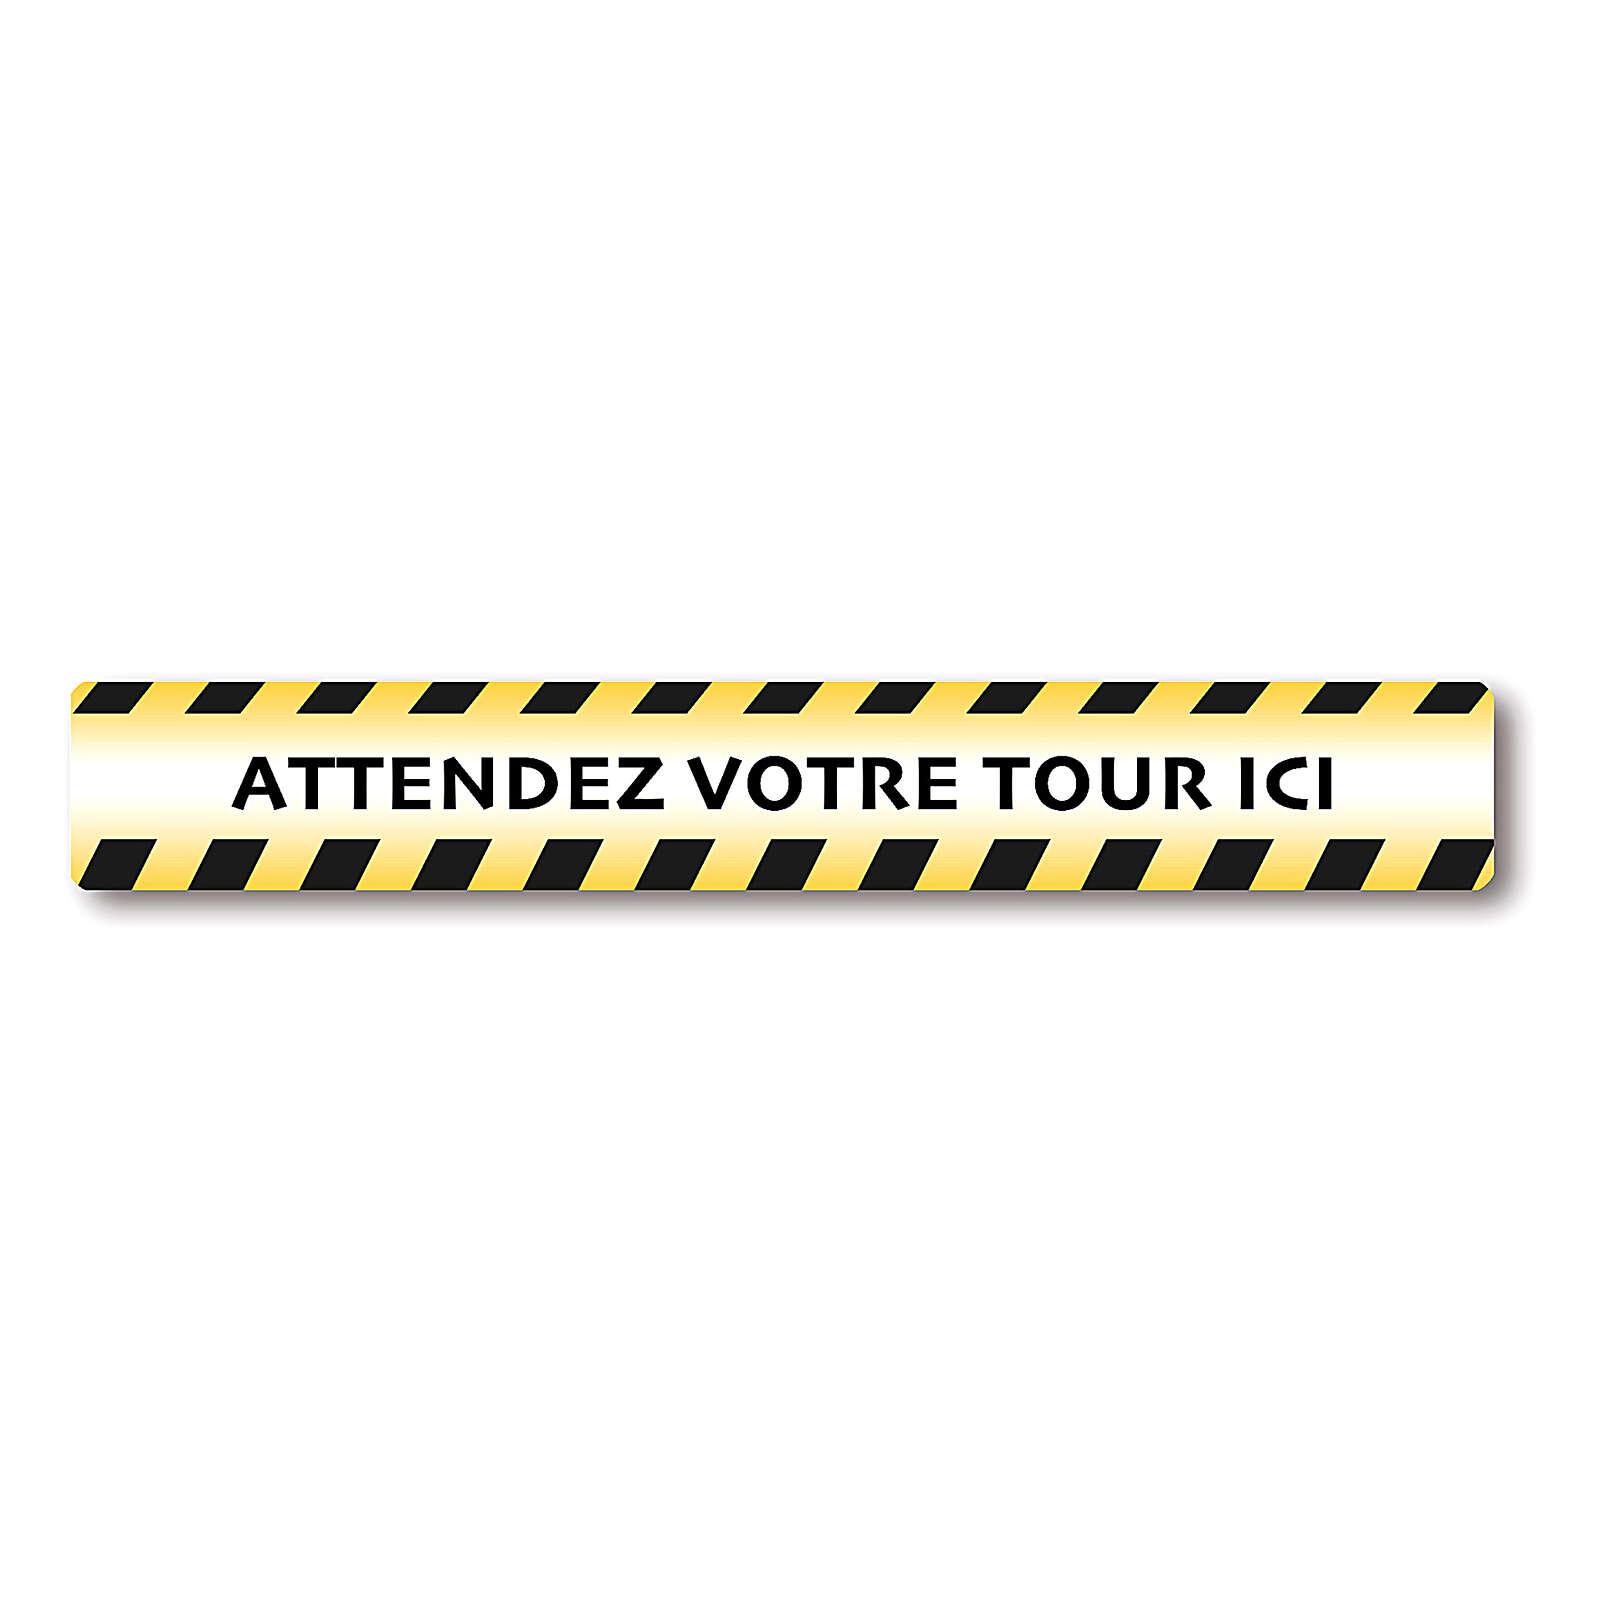 Autocollants amovibles 2 PCS - ATTENDEZ VOTRE TOUR ICI 3